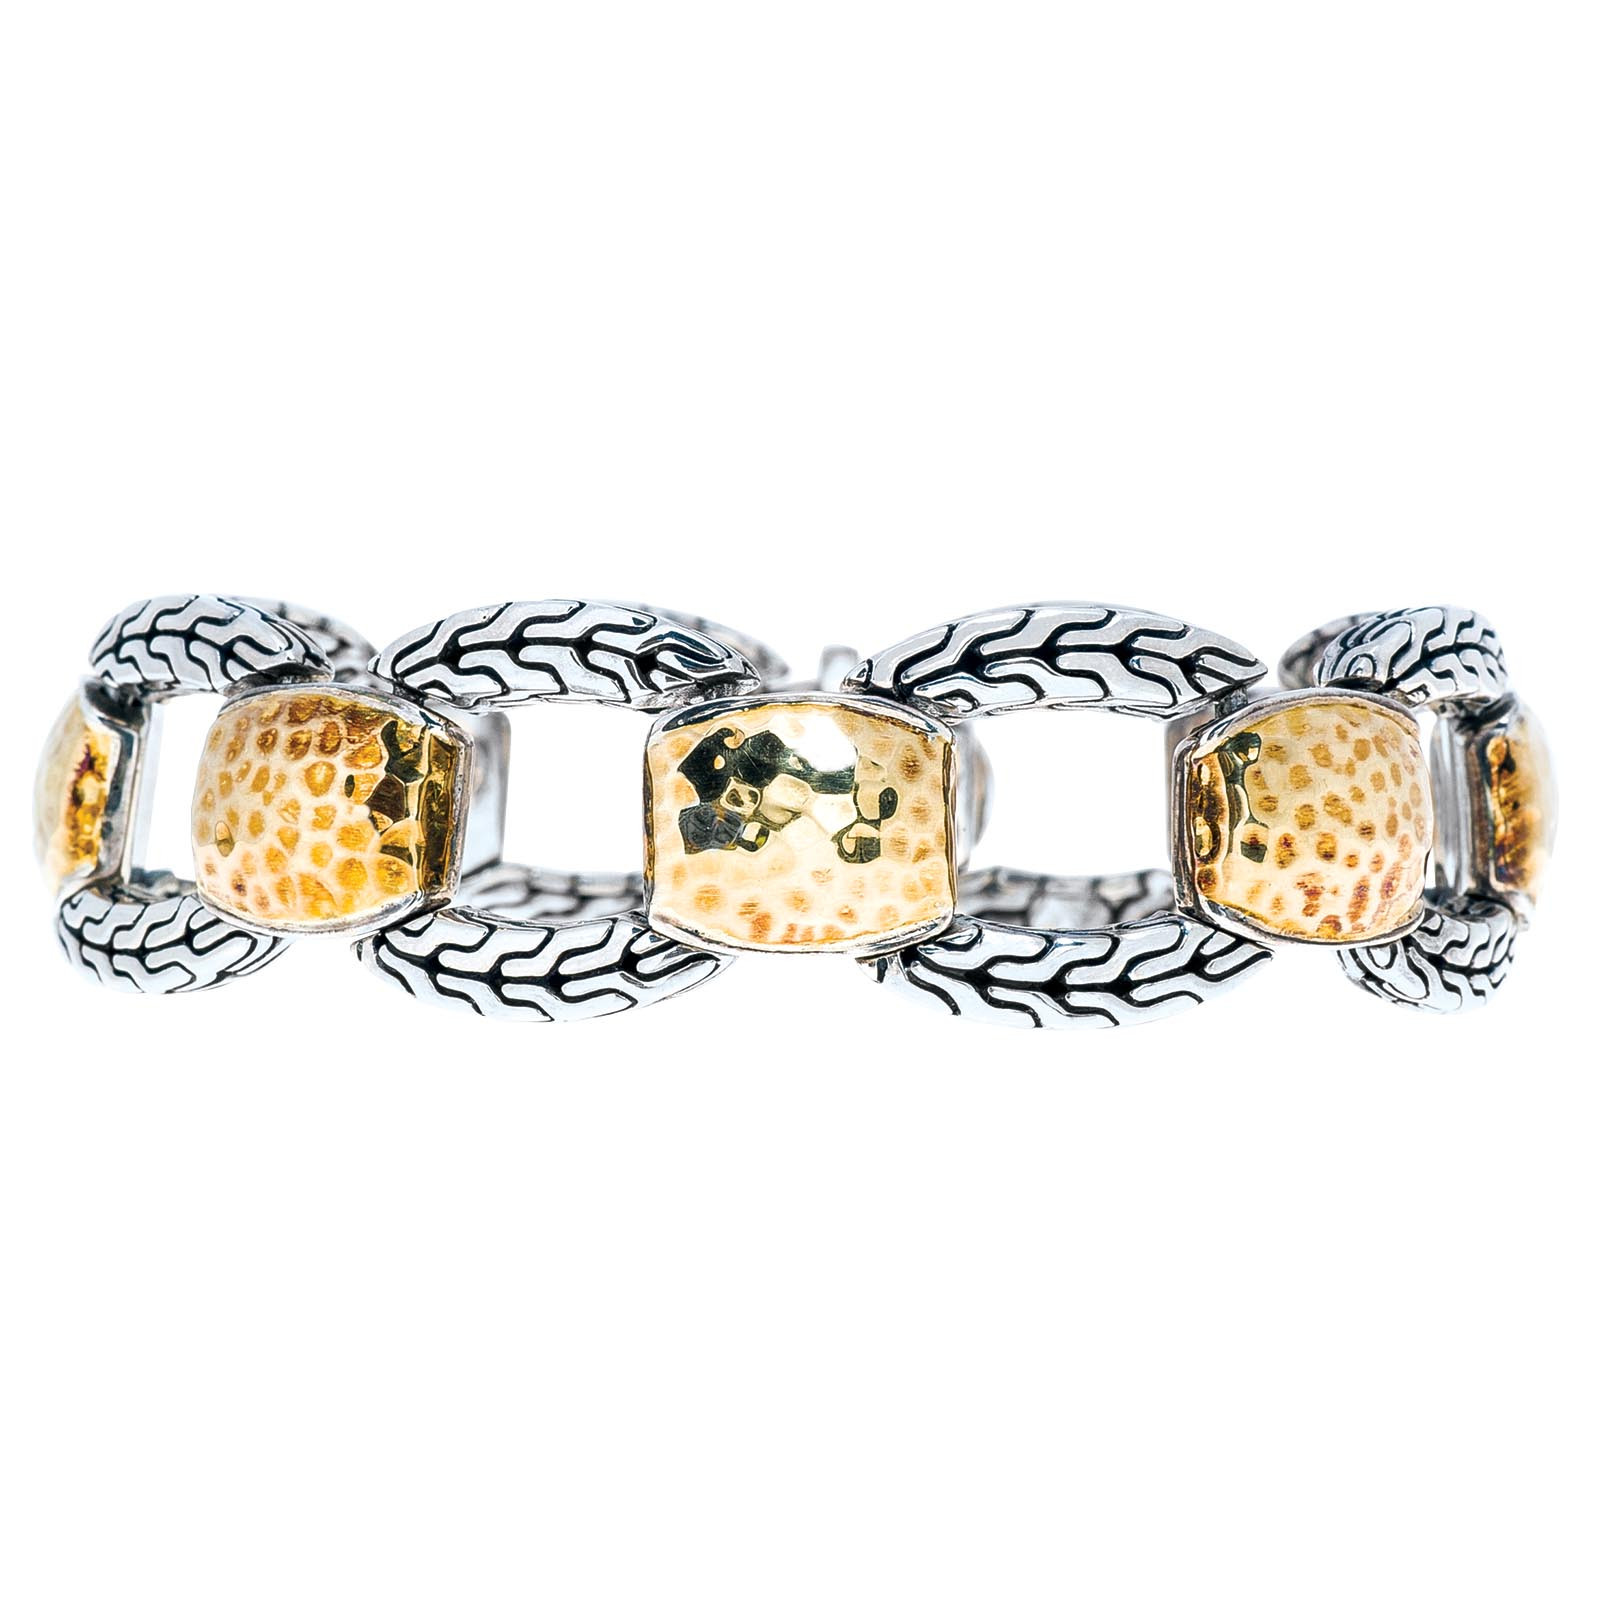 Vintage John Hardy Hammered Chain Link Bracelet